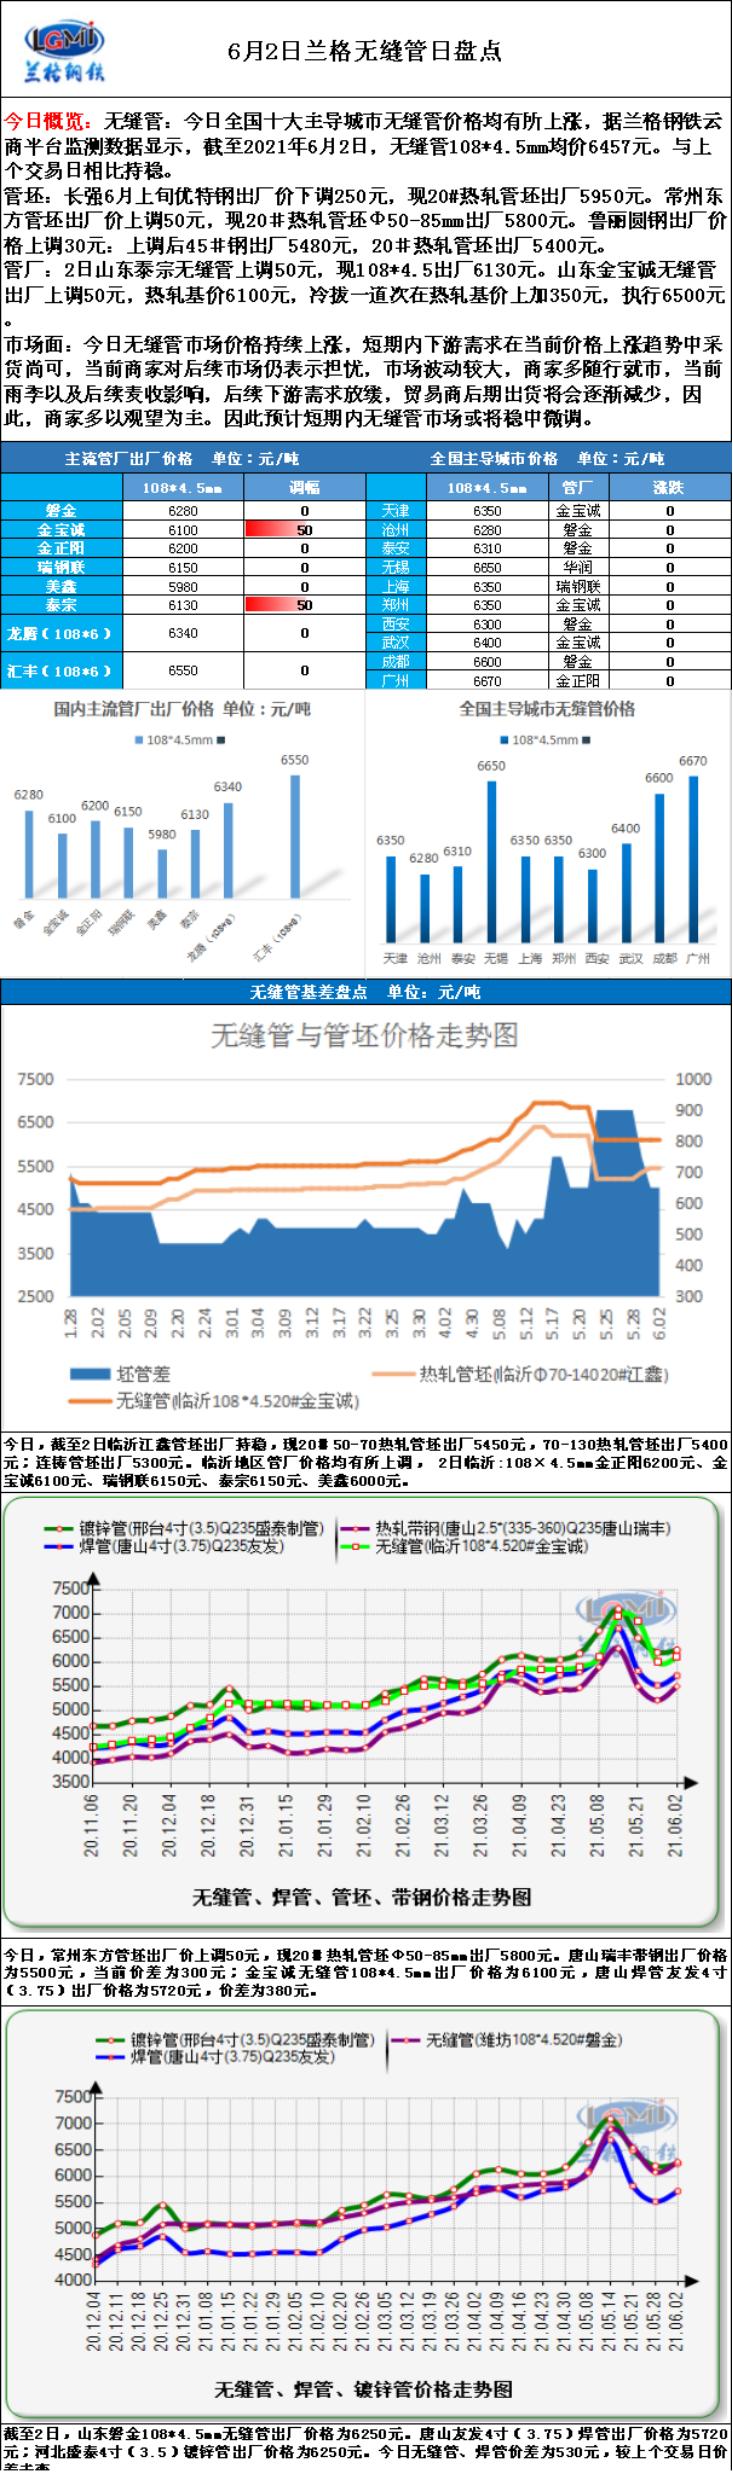 兰格无缝钢管日盘点(6.02):无缝管市场价格维稳上涨   近日需求较好